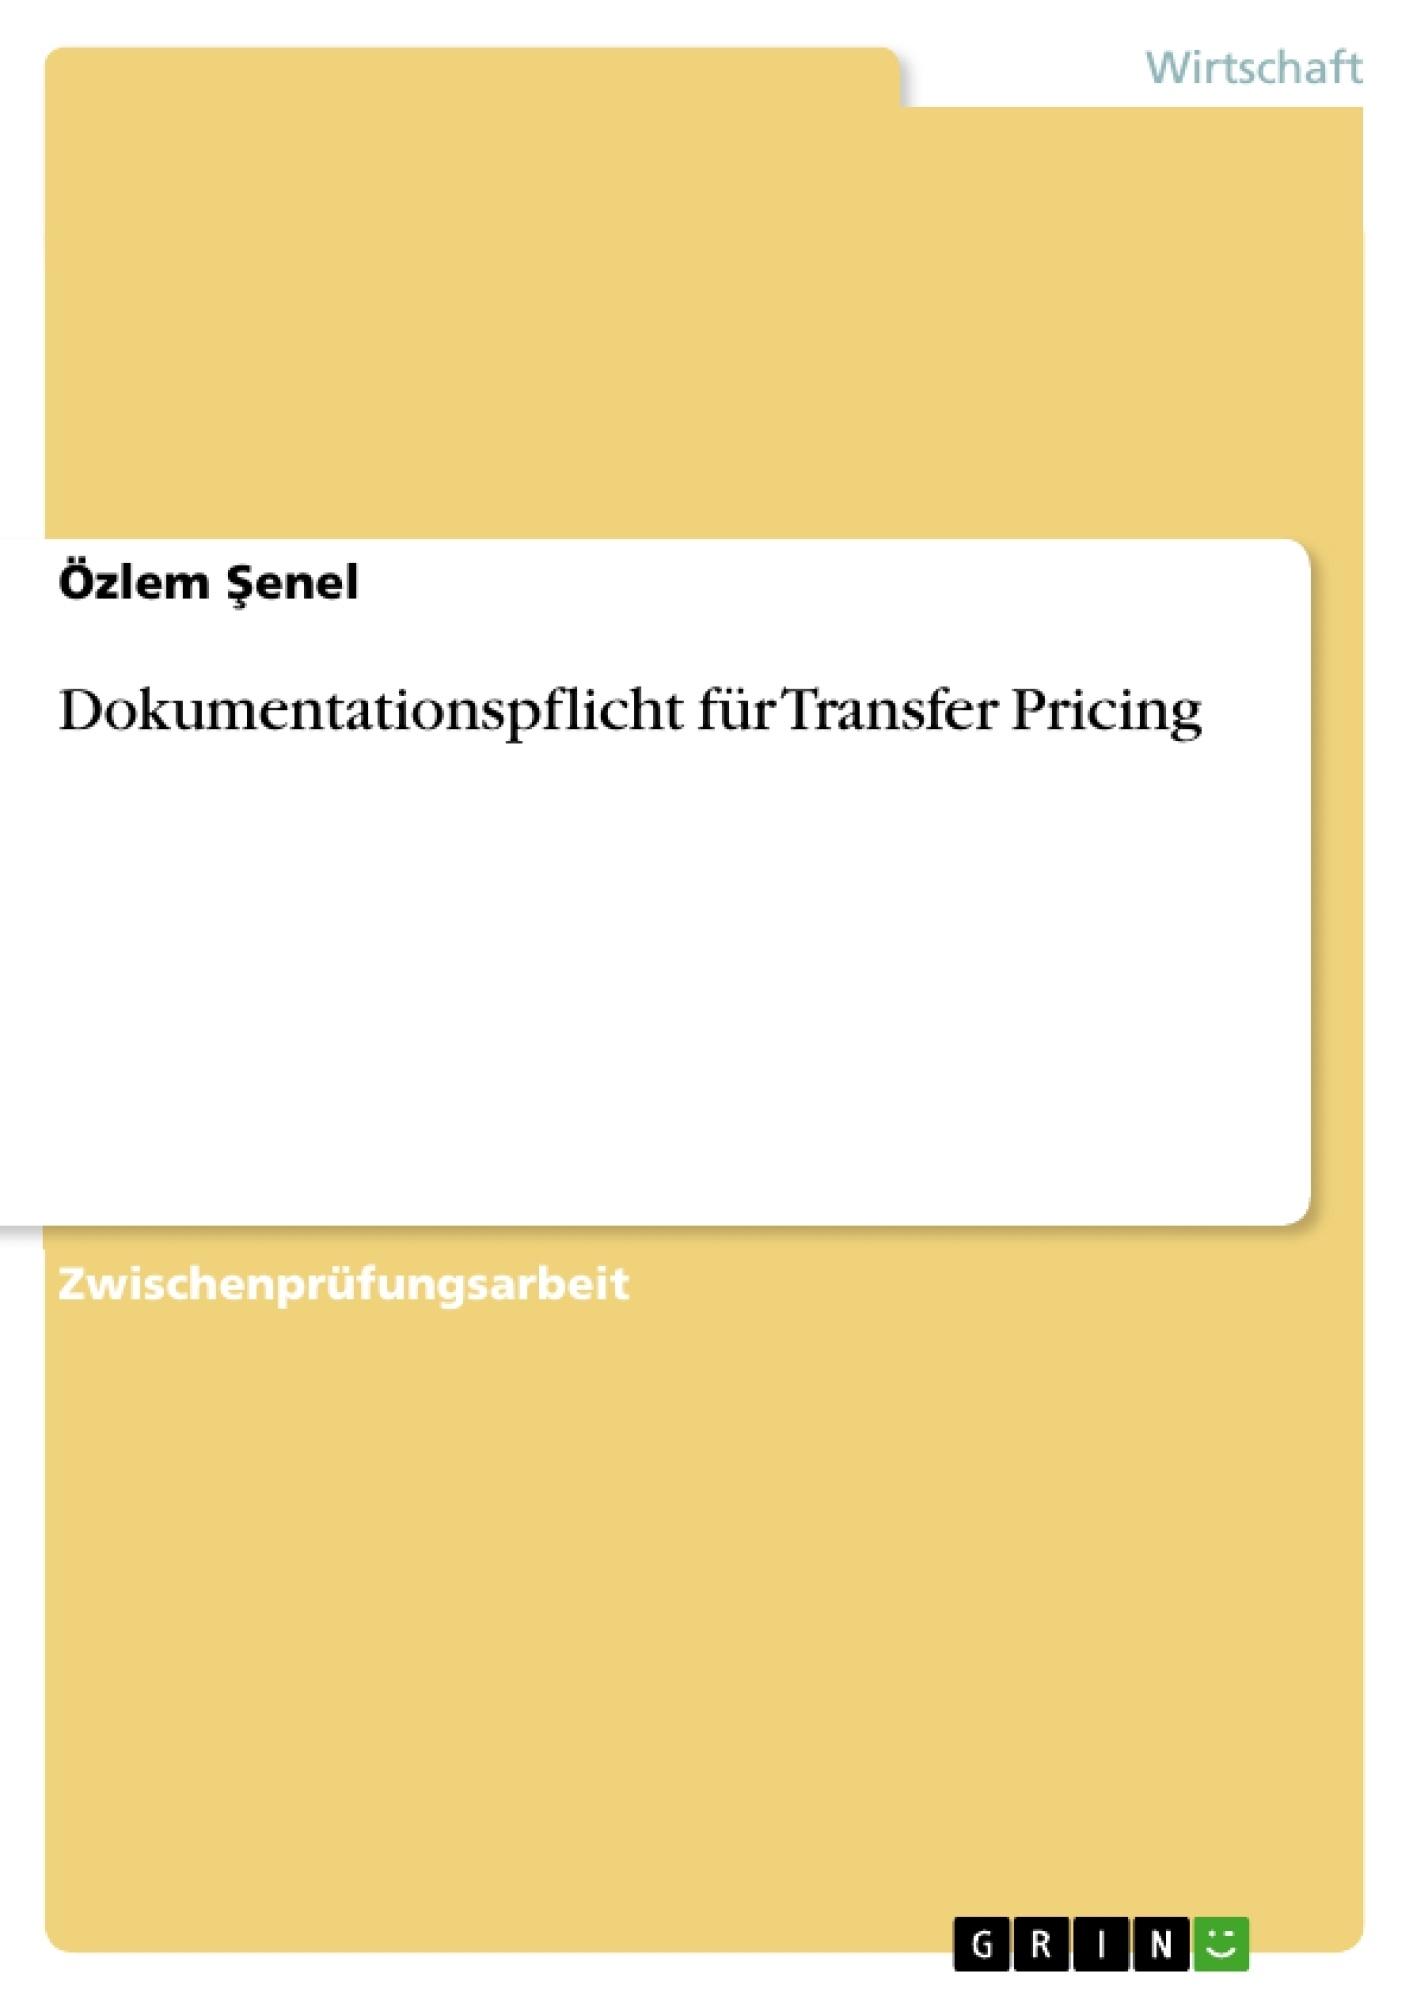 Titel: Dokumentationspflicht für Transfer Pricing